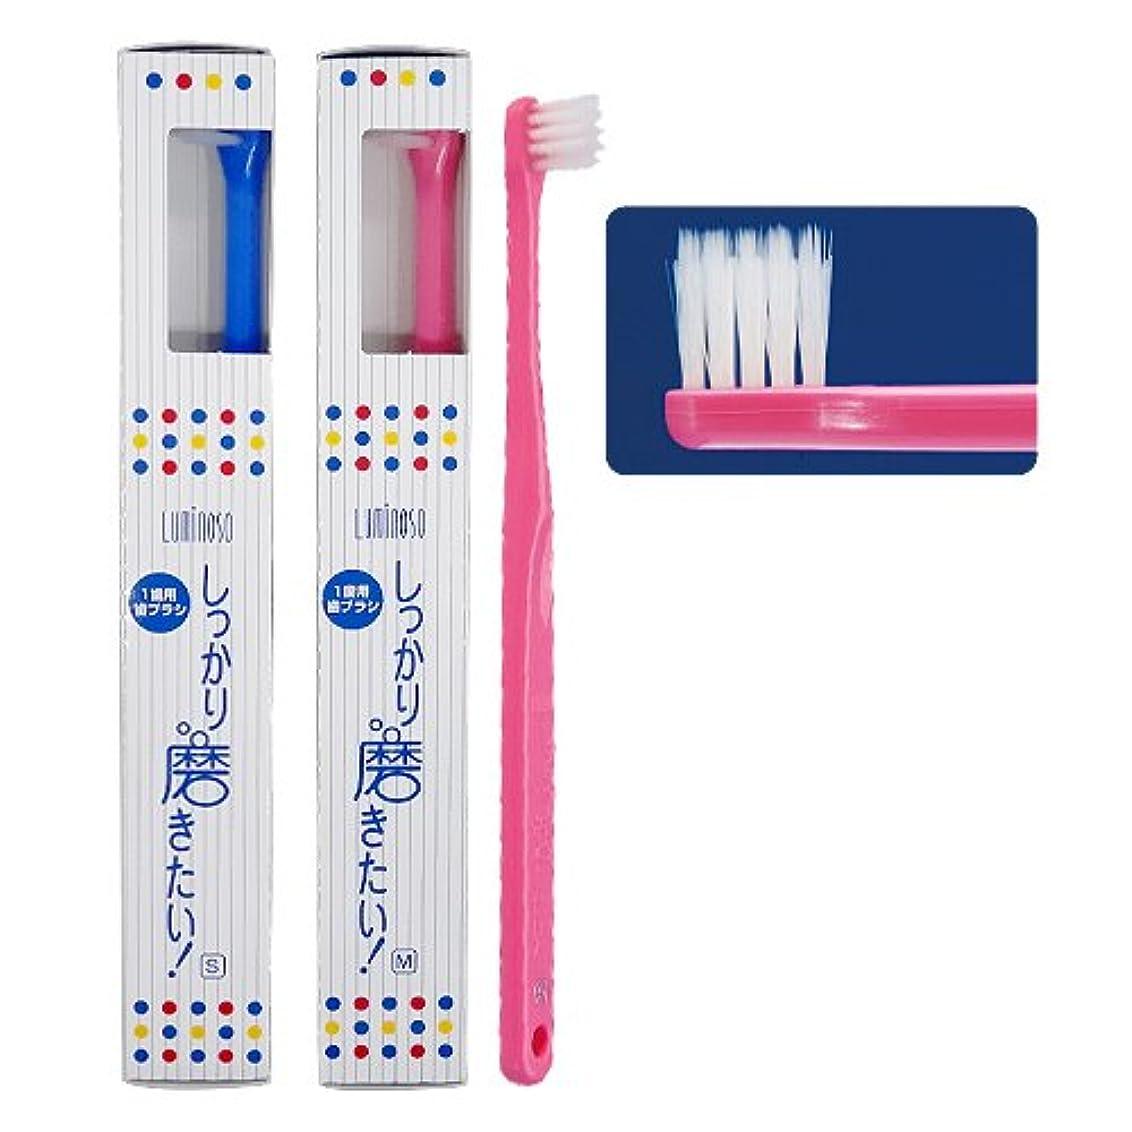 優れました潜水艦悪因子ルミノソ 1歯用歯ブラシ「しっかり磨きたい!」スタンダード ソフト